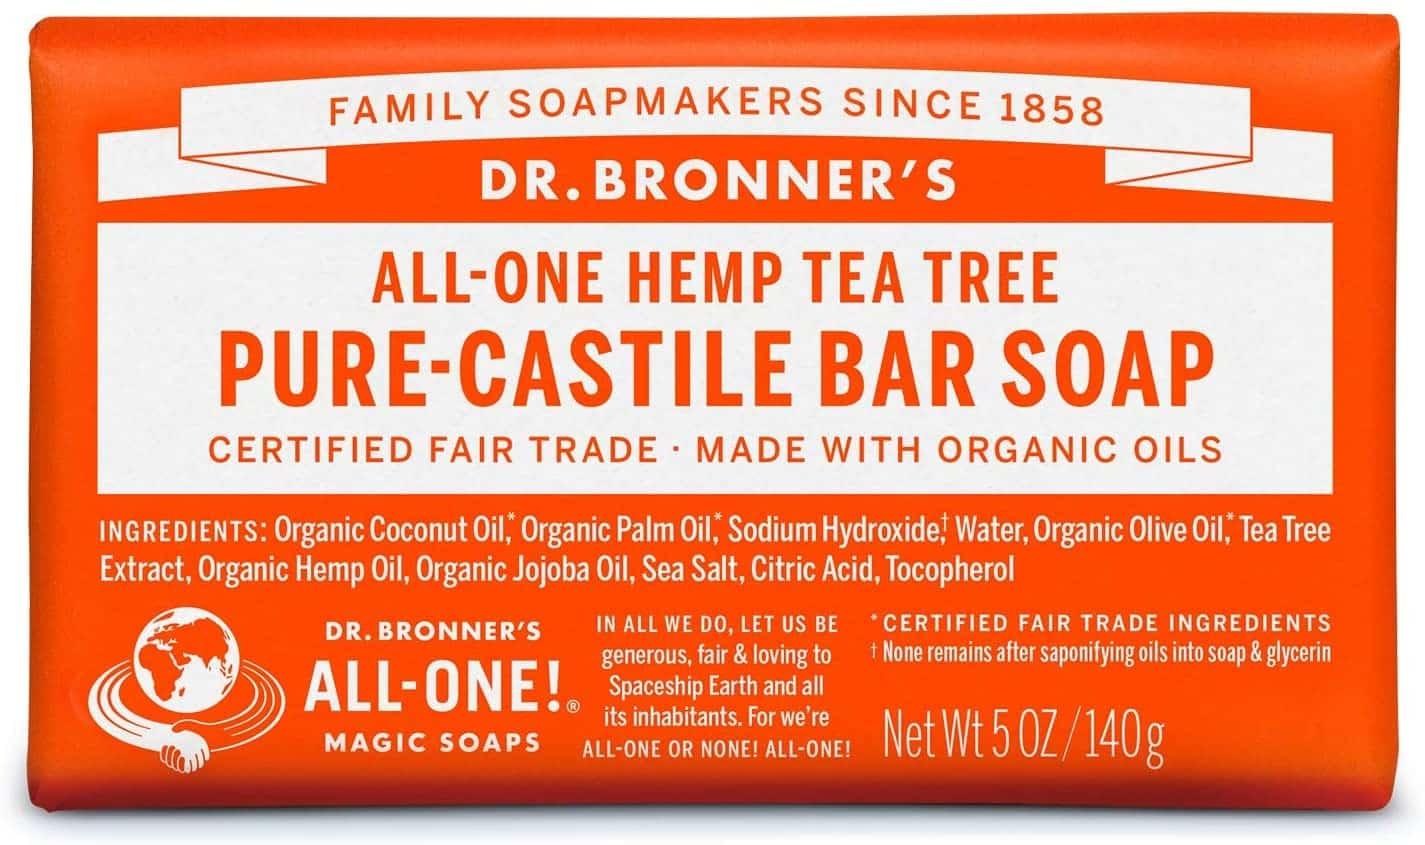 Un savon magique de Dr Bronner's